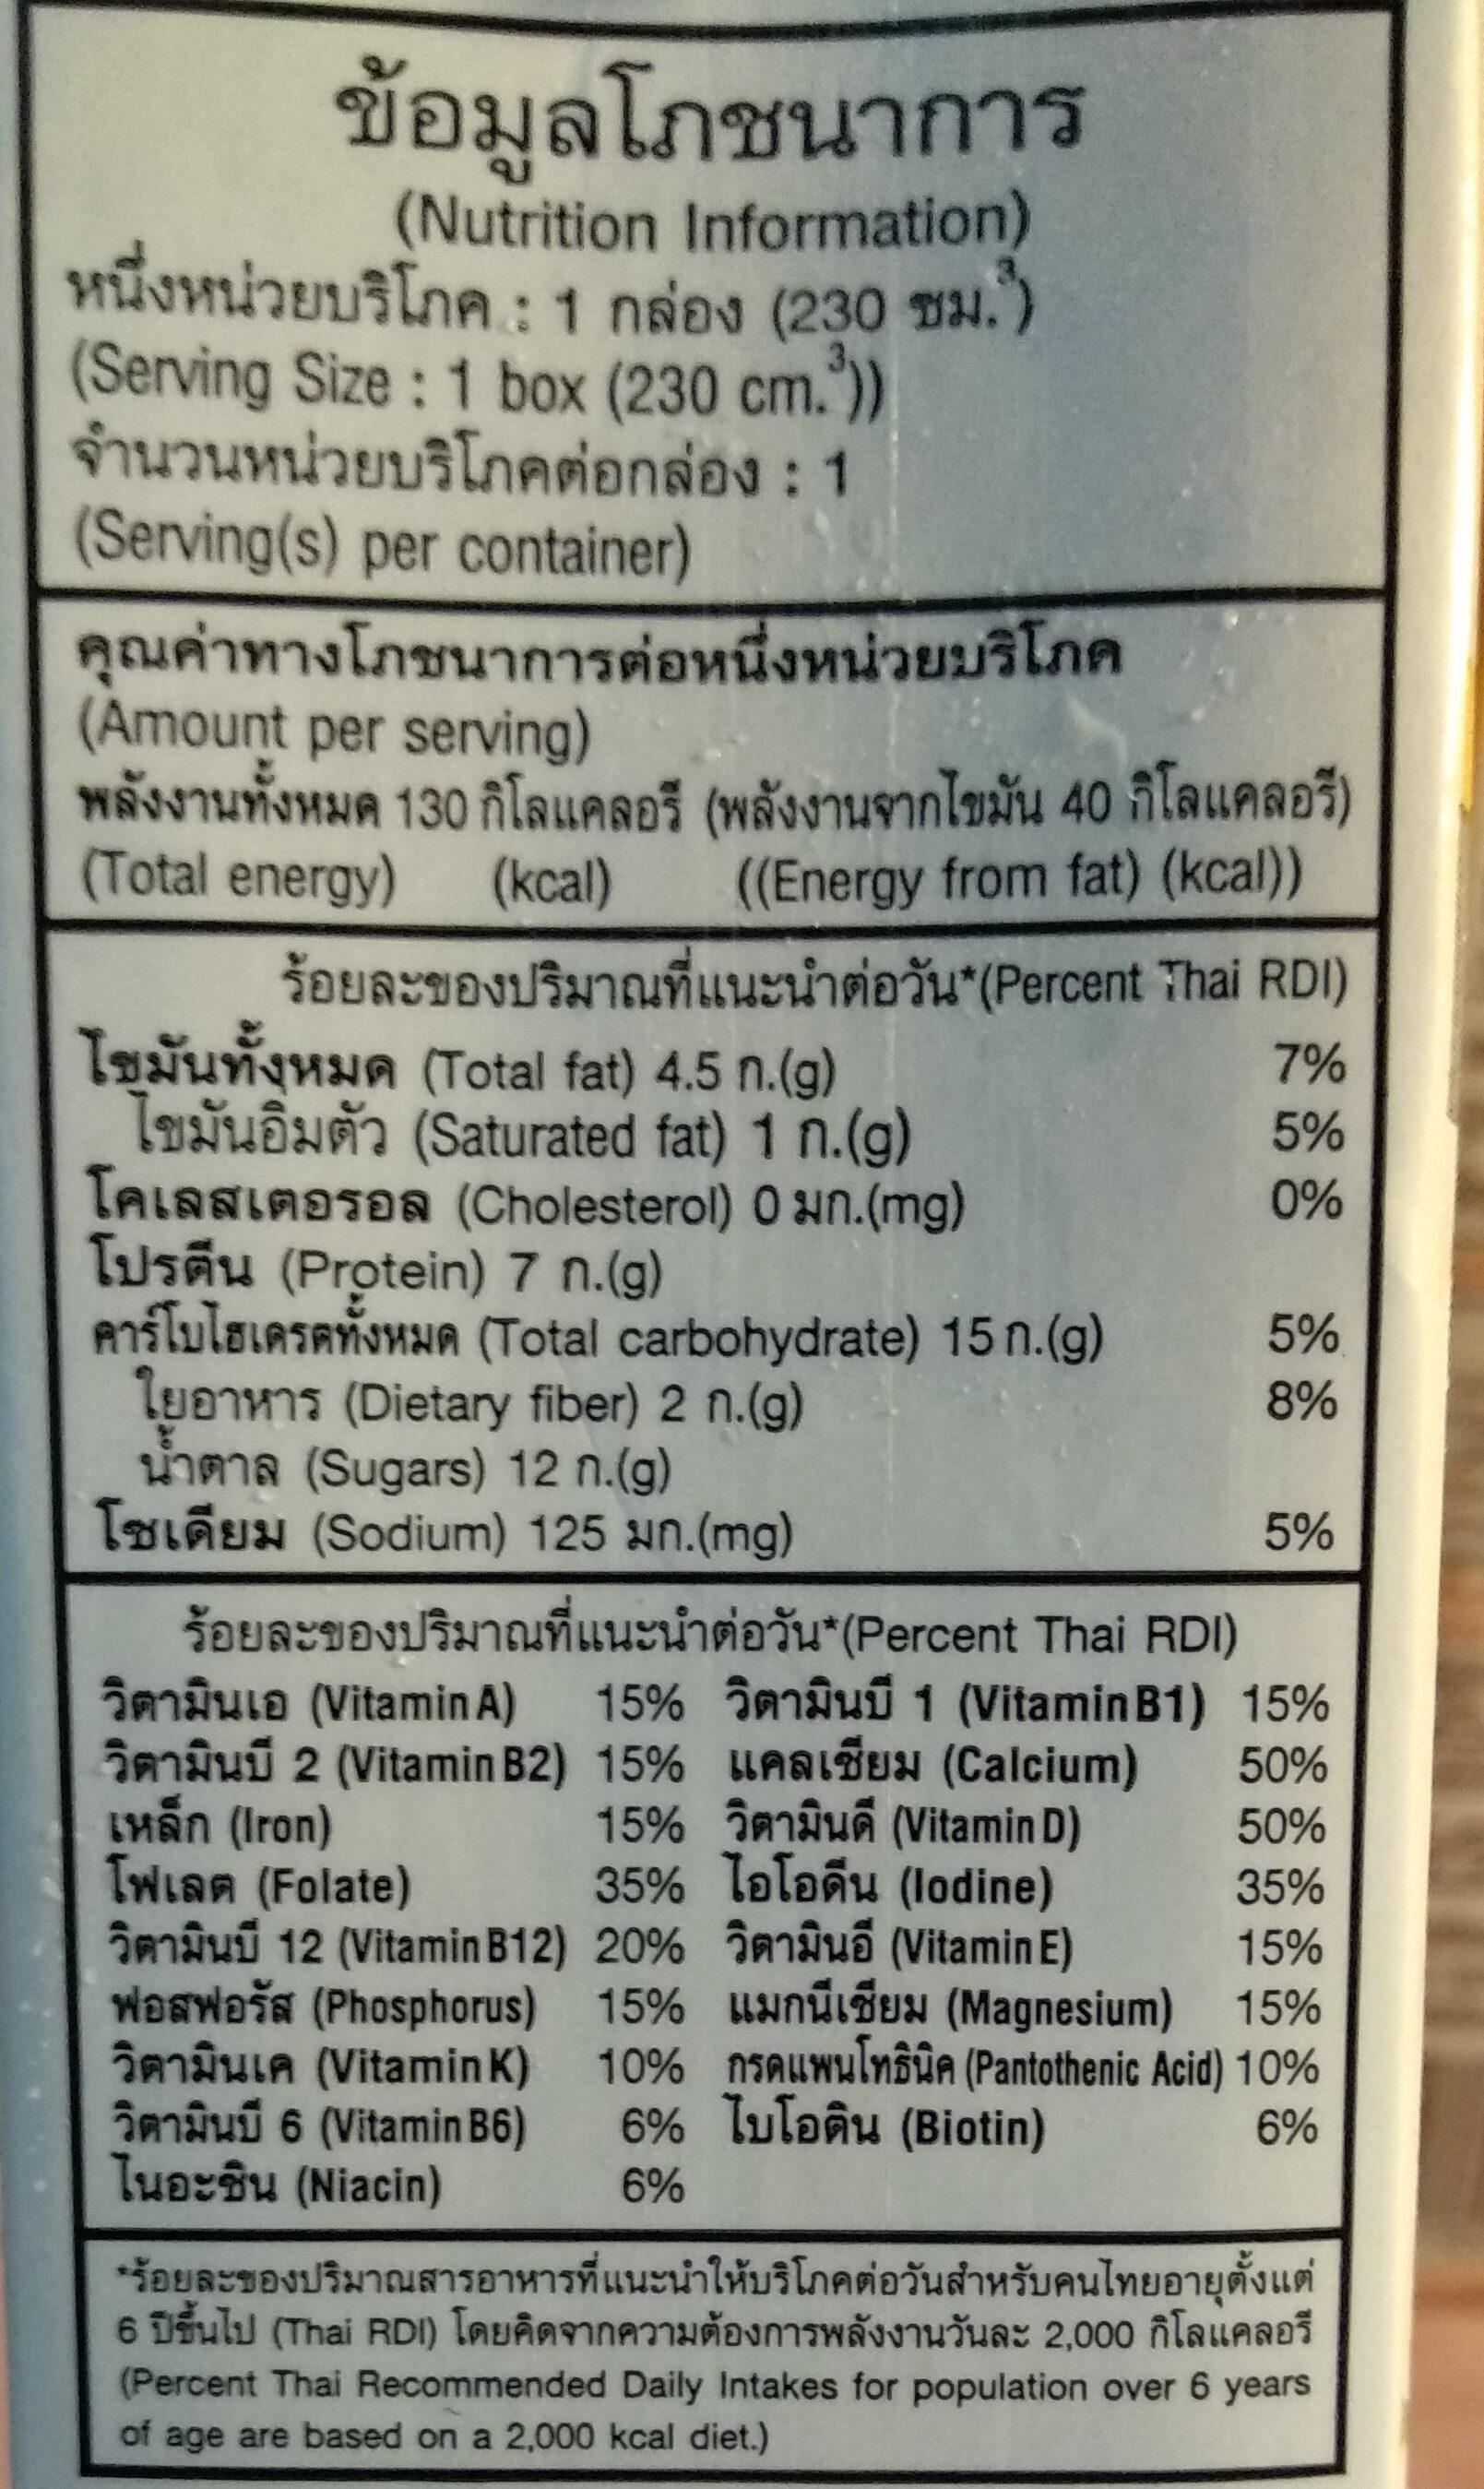 วีซอยรสงาขาวและงาดำ - Valori nutrizionali - th